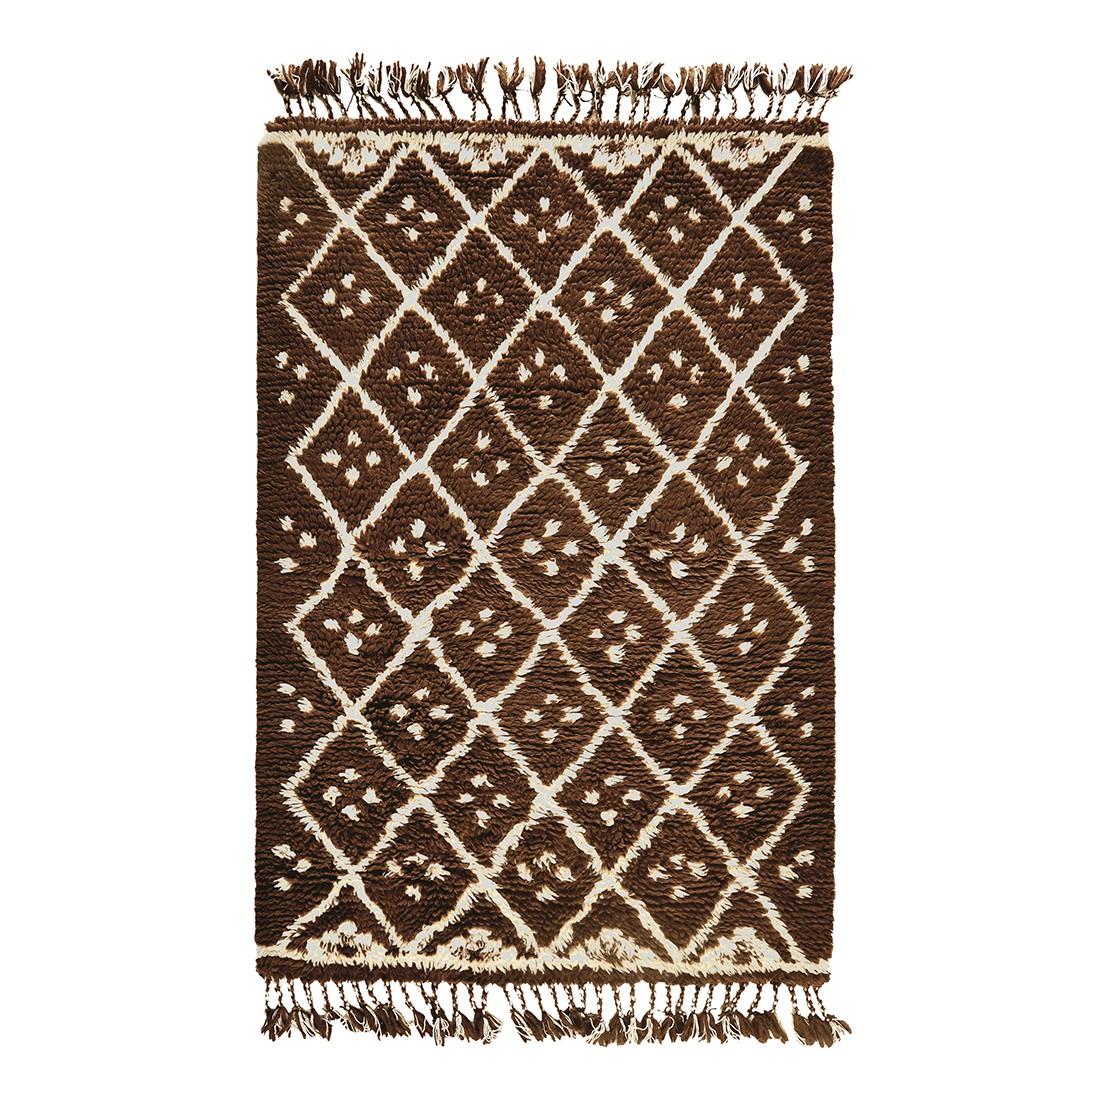 Teppich Nomadic Design, THEKO die markenteppiche